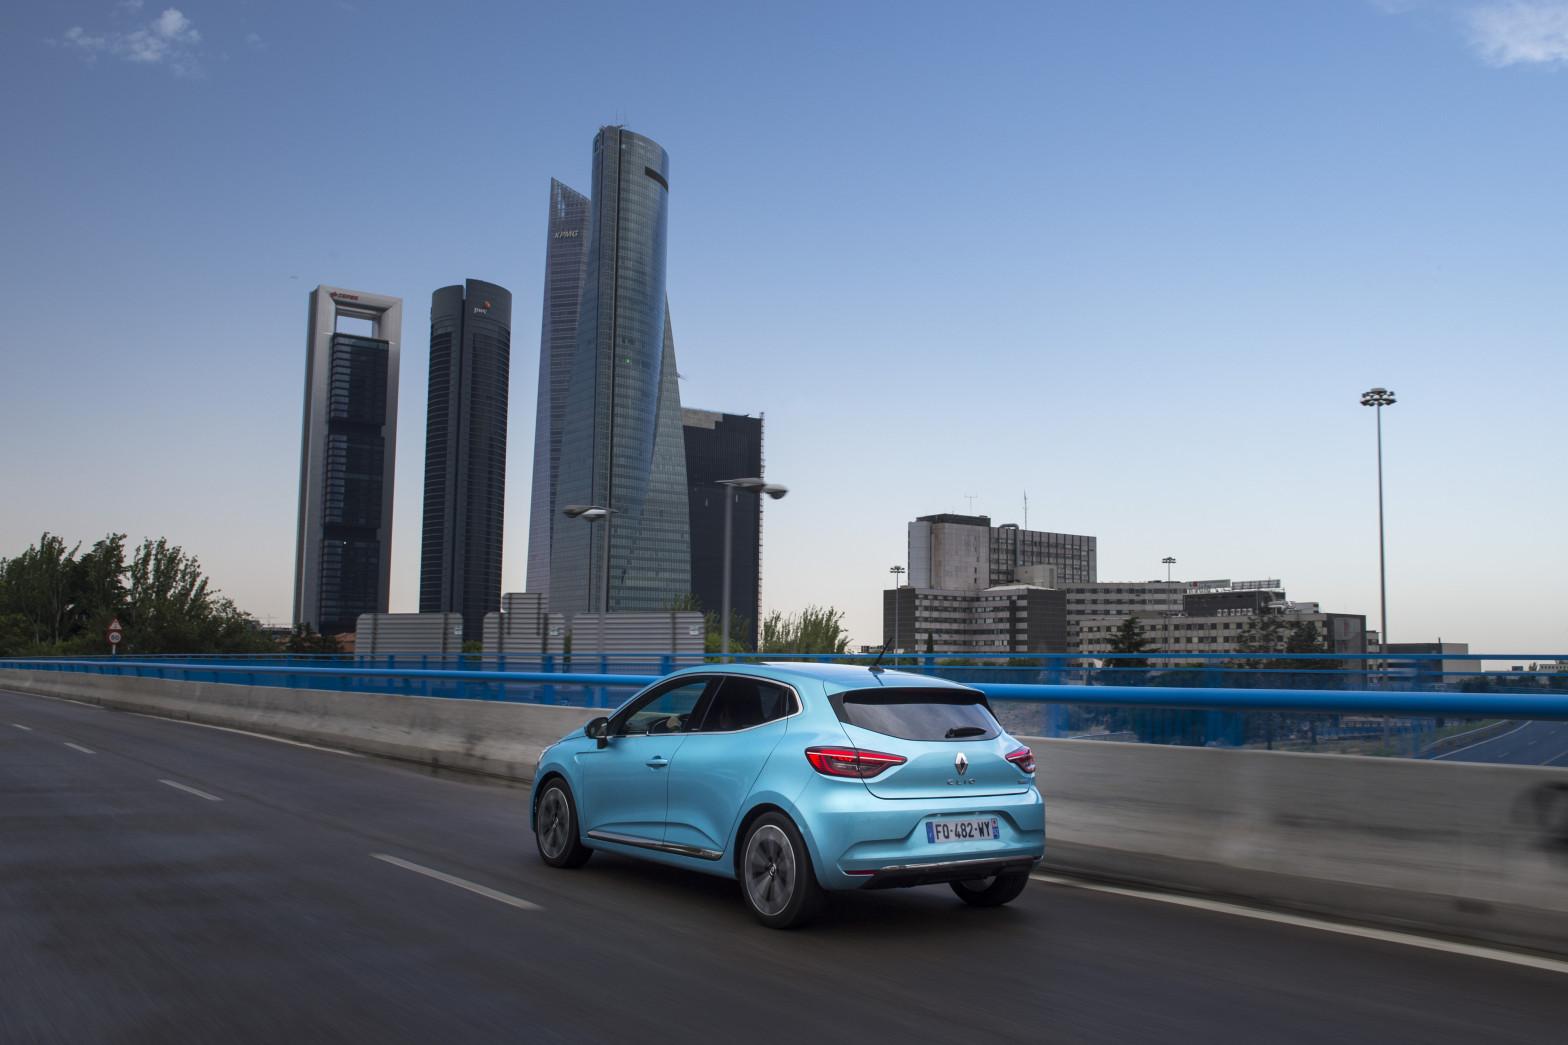 Probamos tres nuevos utilitarios para la ciudad: ¿gasolina, híbrido o eléctrico?